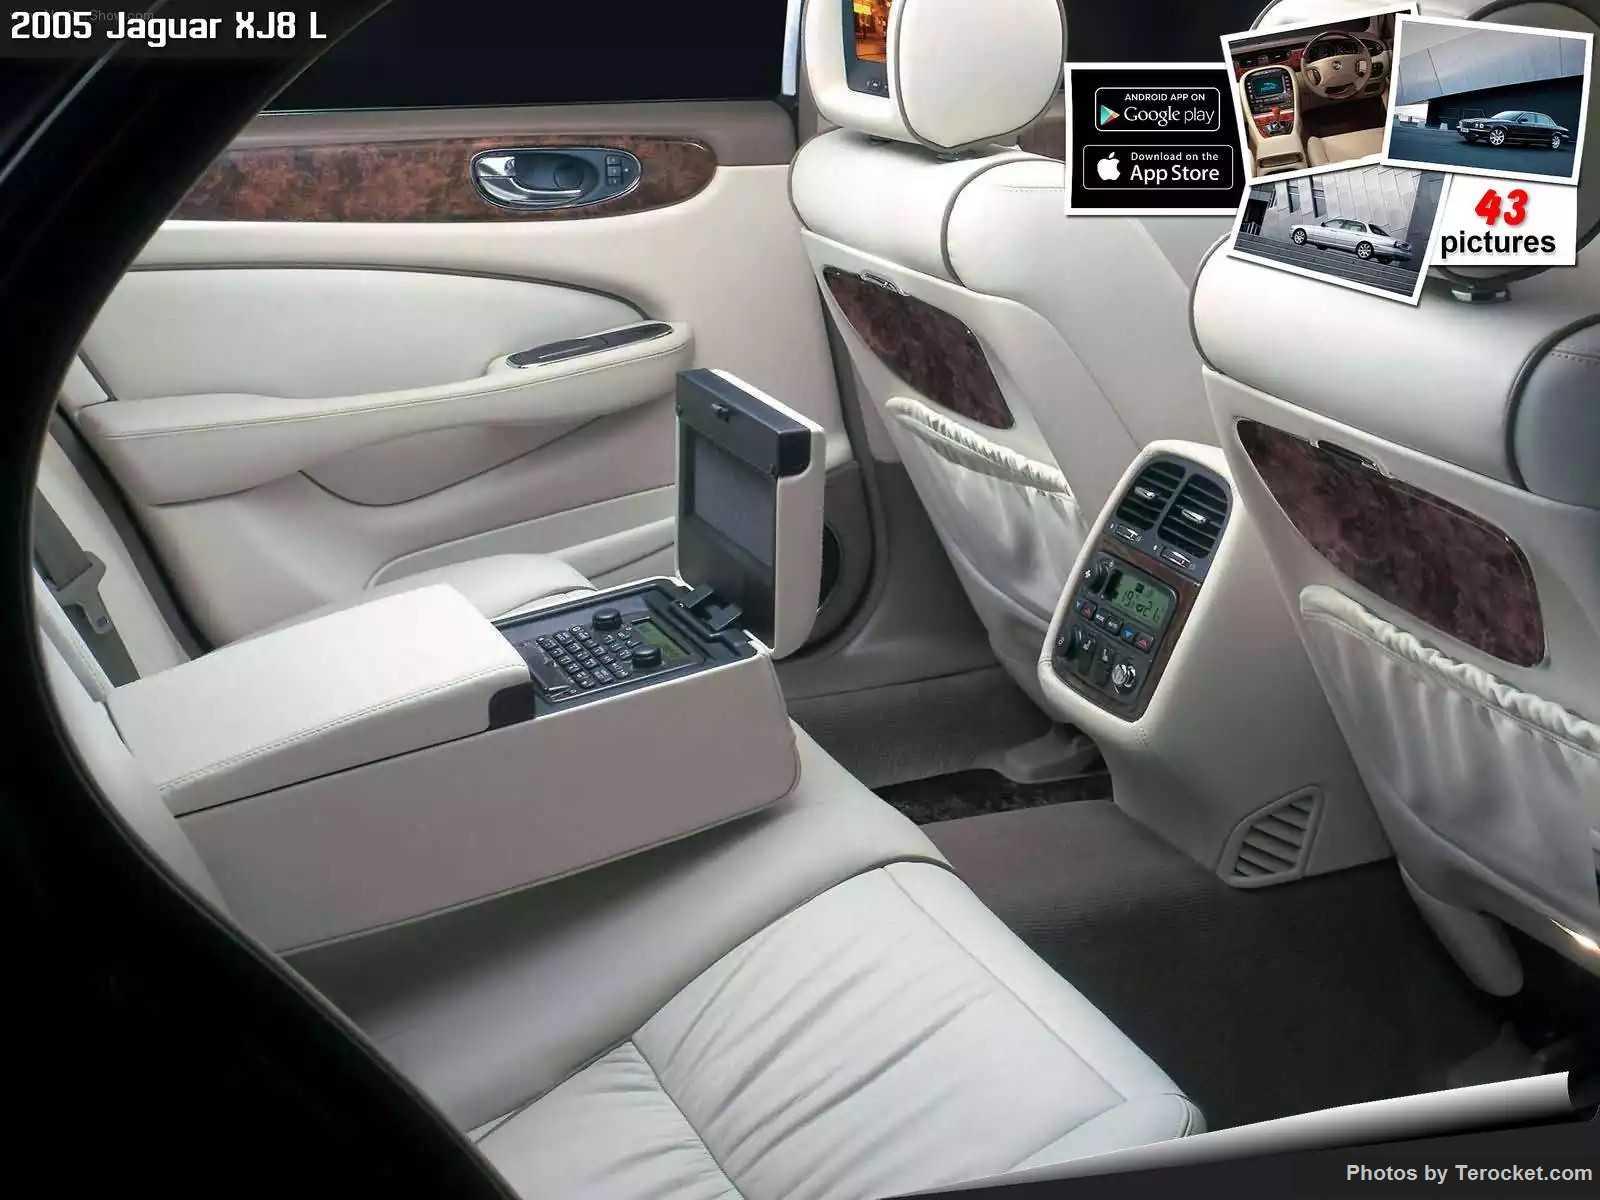 Hình ảnh xe ô tô Jaguar XJ8 L 2005 & nội ngoại thất